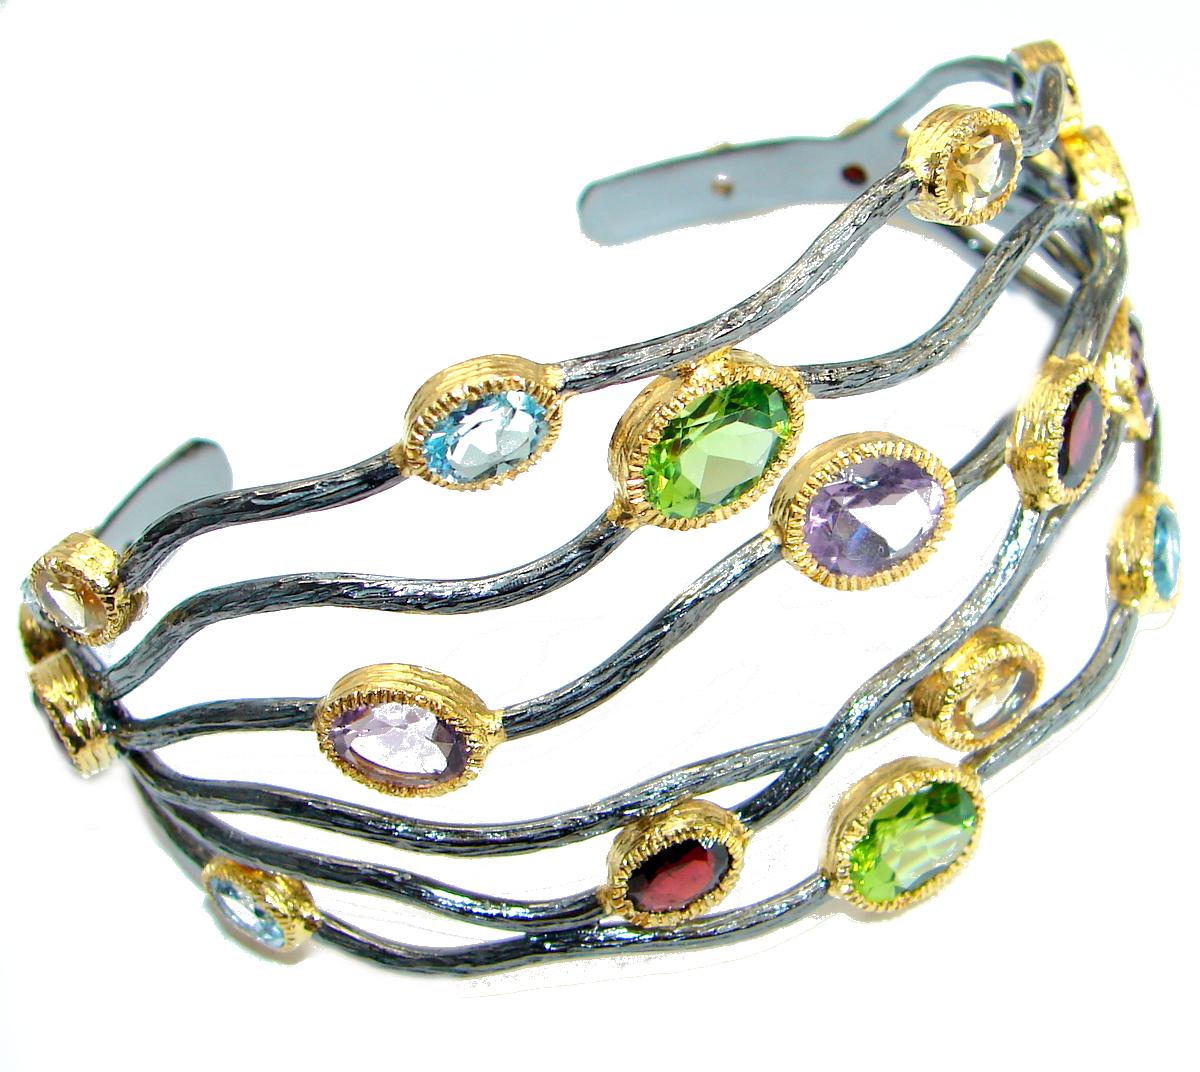 Huge One of the kind genuine Multigem Rose Gold over .925 Sterling Silver Bracelet / Cuff